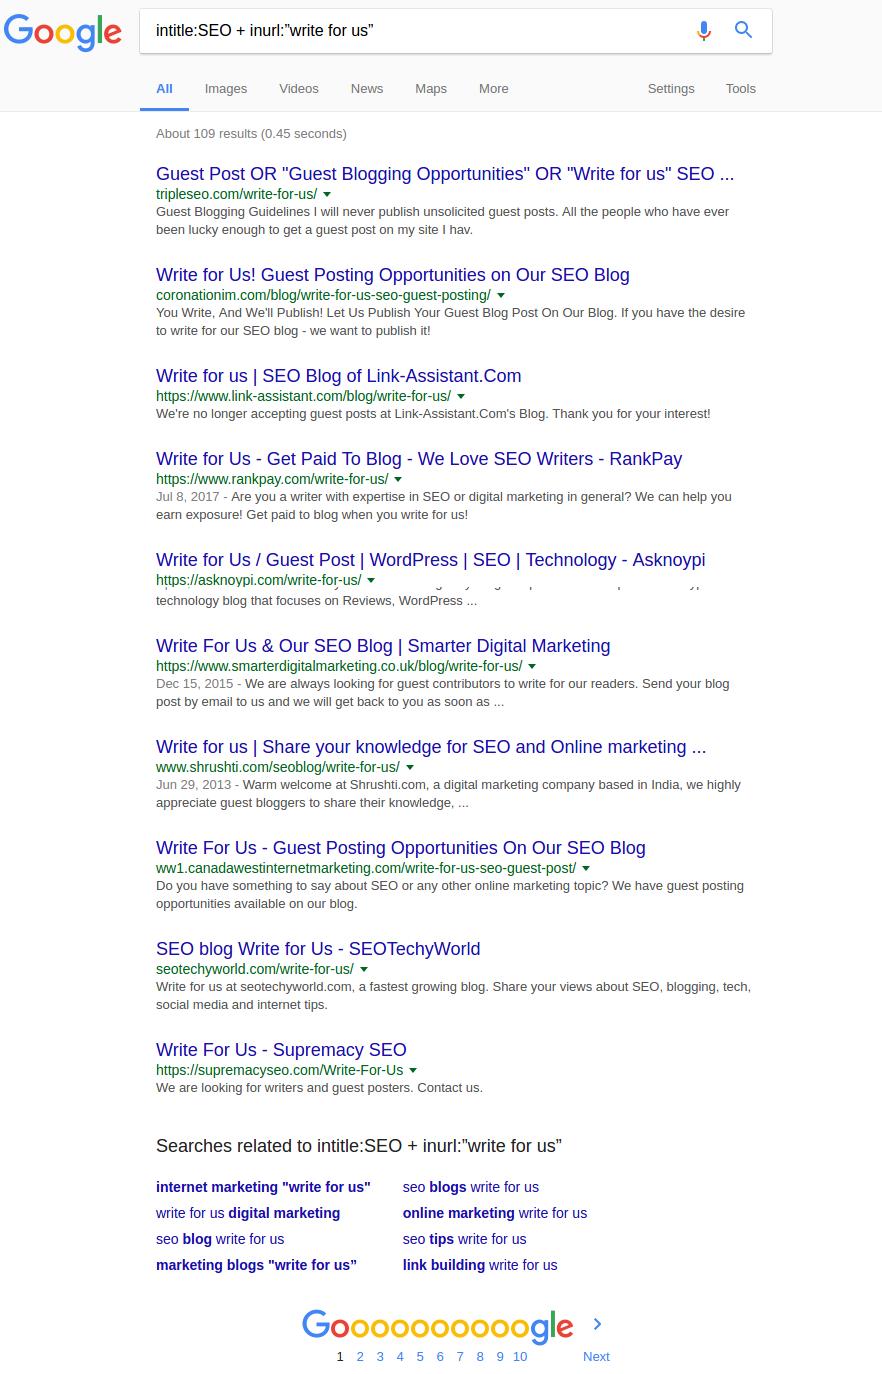 inurl toán tử tìm kiếm của Google